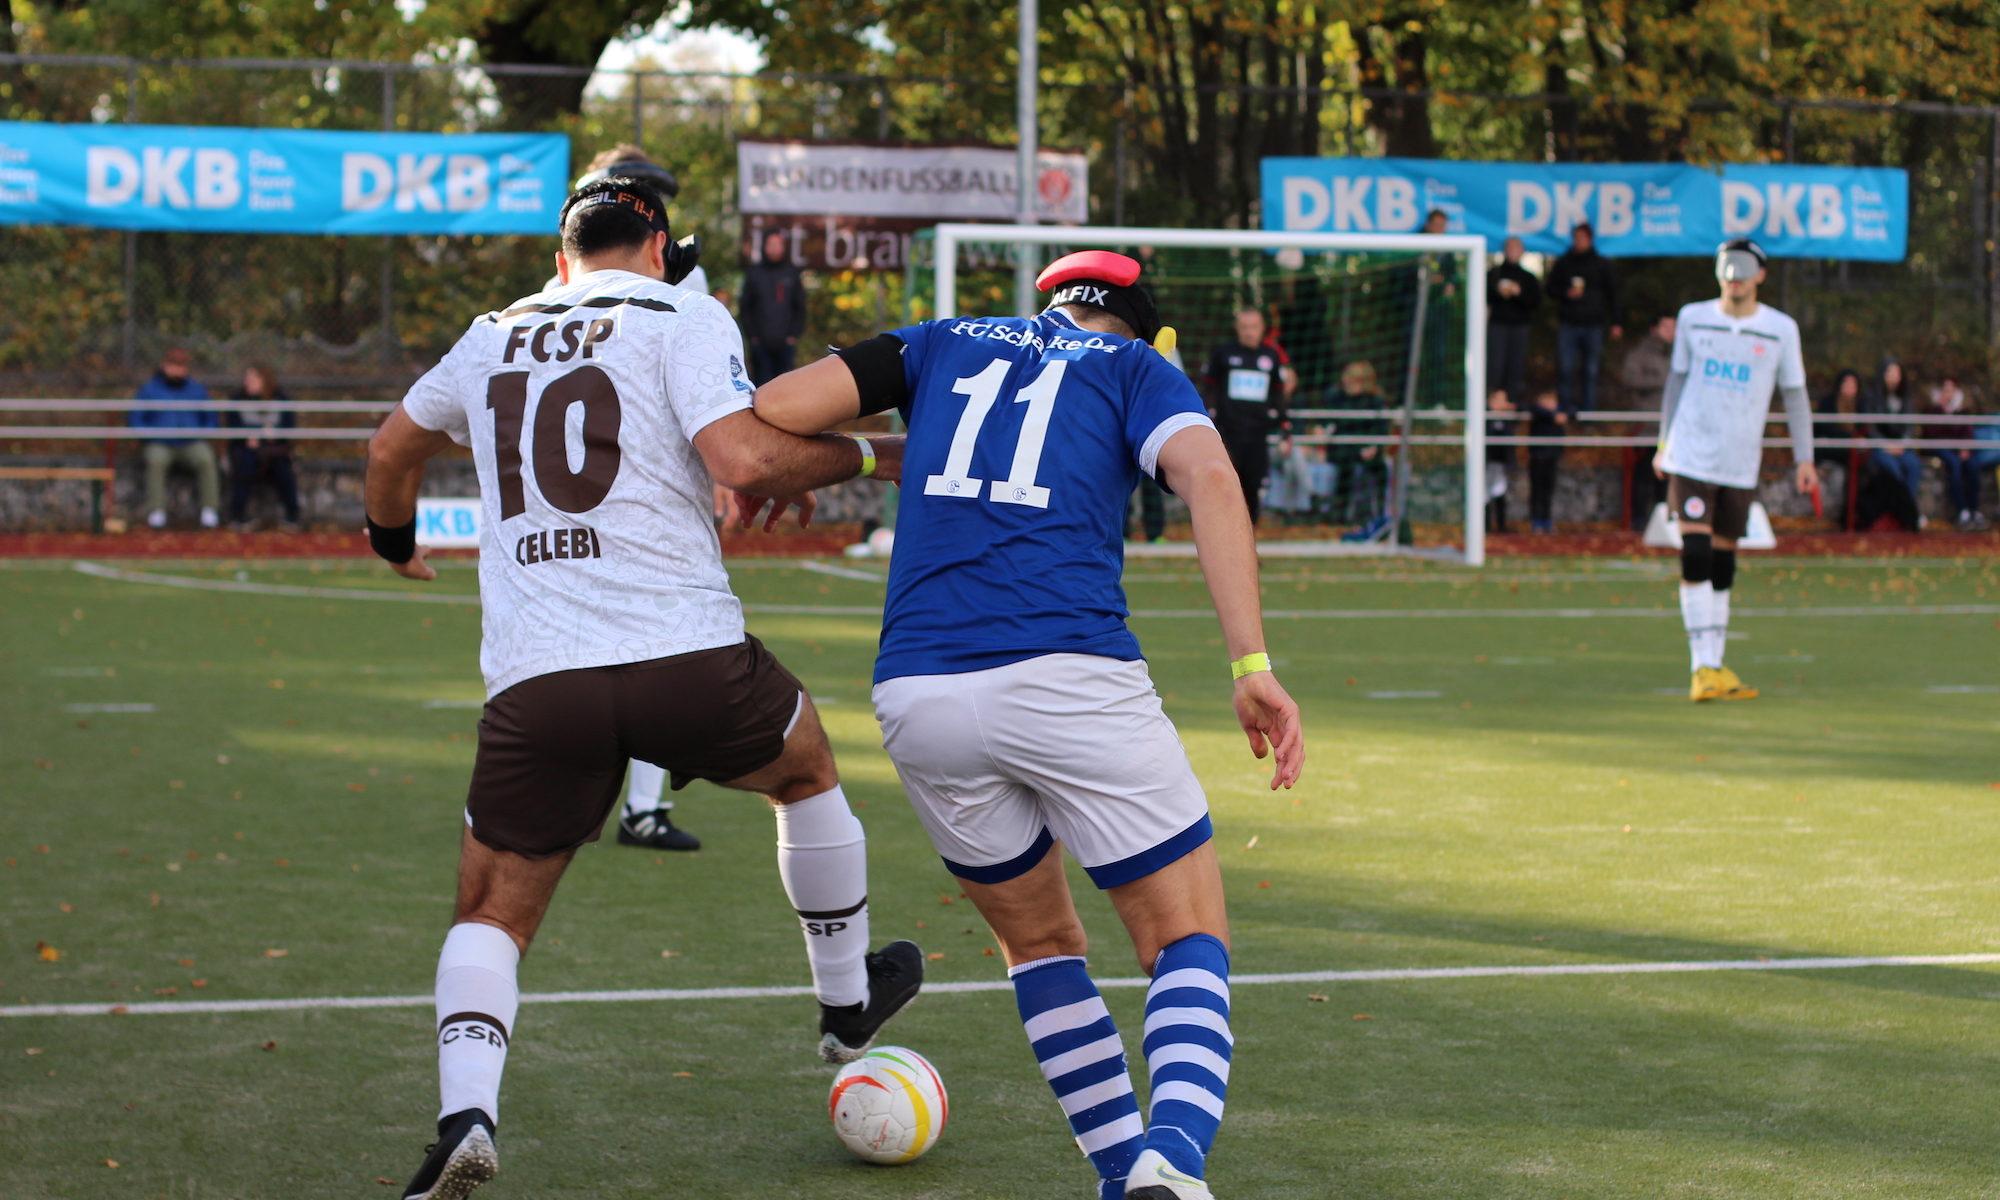 Spielszene im Mittelfeld Serdal Celebi führt den Ball dynamisch in Richtung Mittellinie. Er wird von Hasan Koparan verfolgt. Beide Spieler sind vom Rücken aus zu sehen. Im Hintergrund stehen weitere Spieler auf einem Kunstrasenplatz am Hamburger Borgweg, Foto: Tomke Koop.